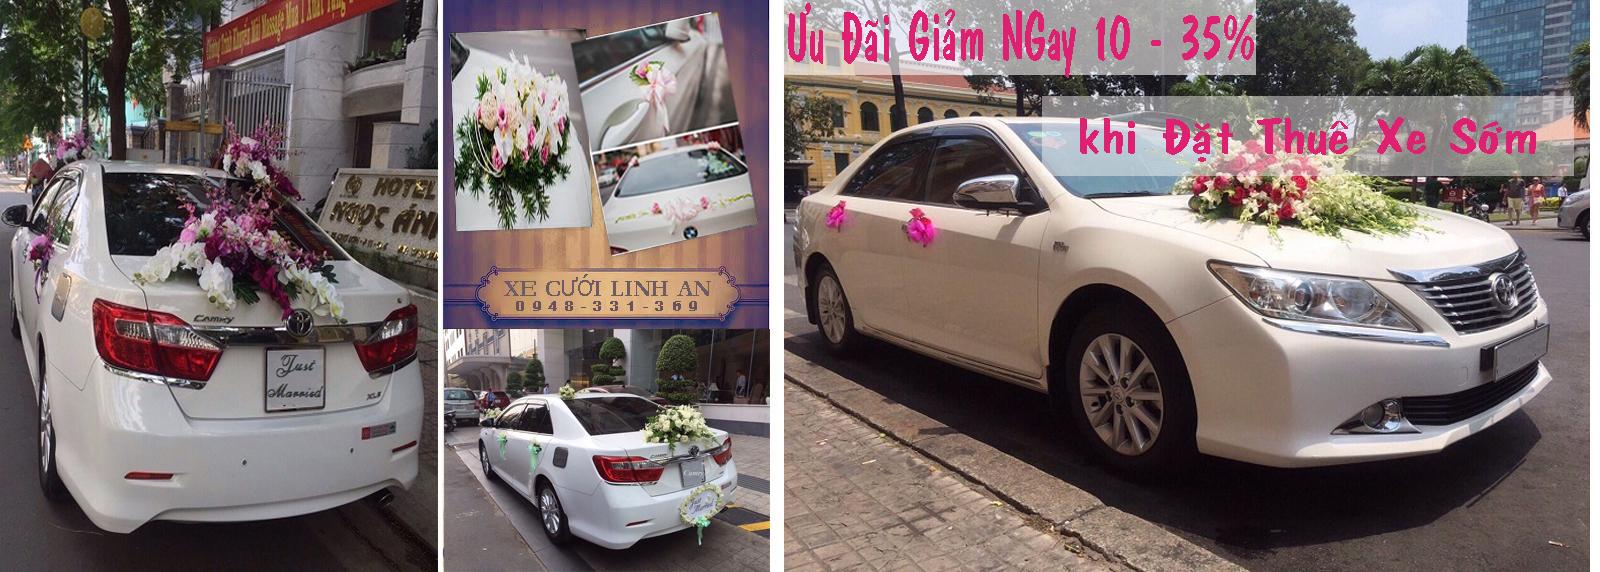 Cho thuê xe đón tiễn sân bay - Xe tháng - Xe Linh An